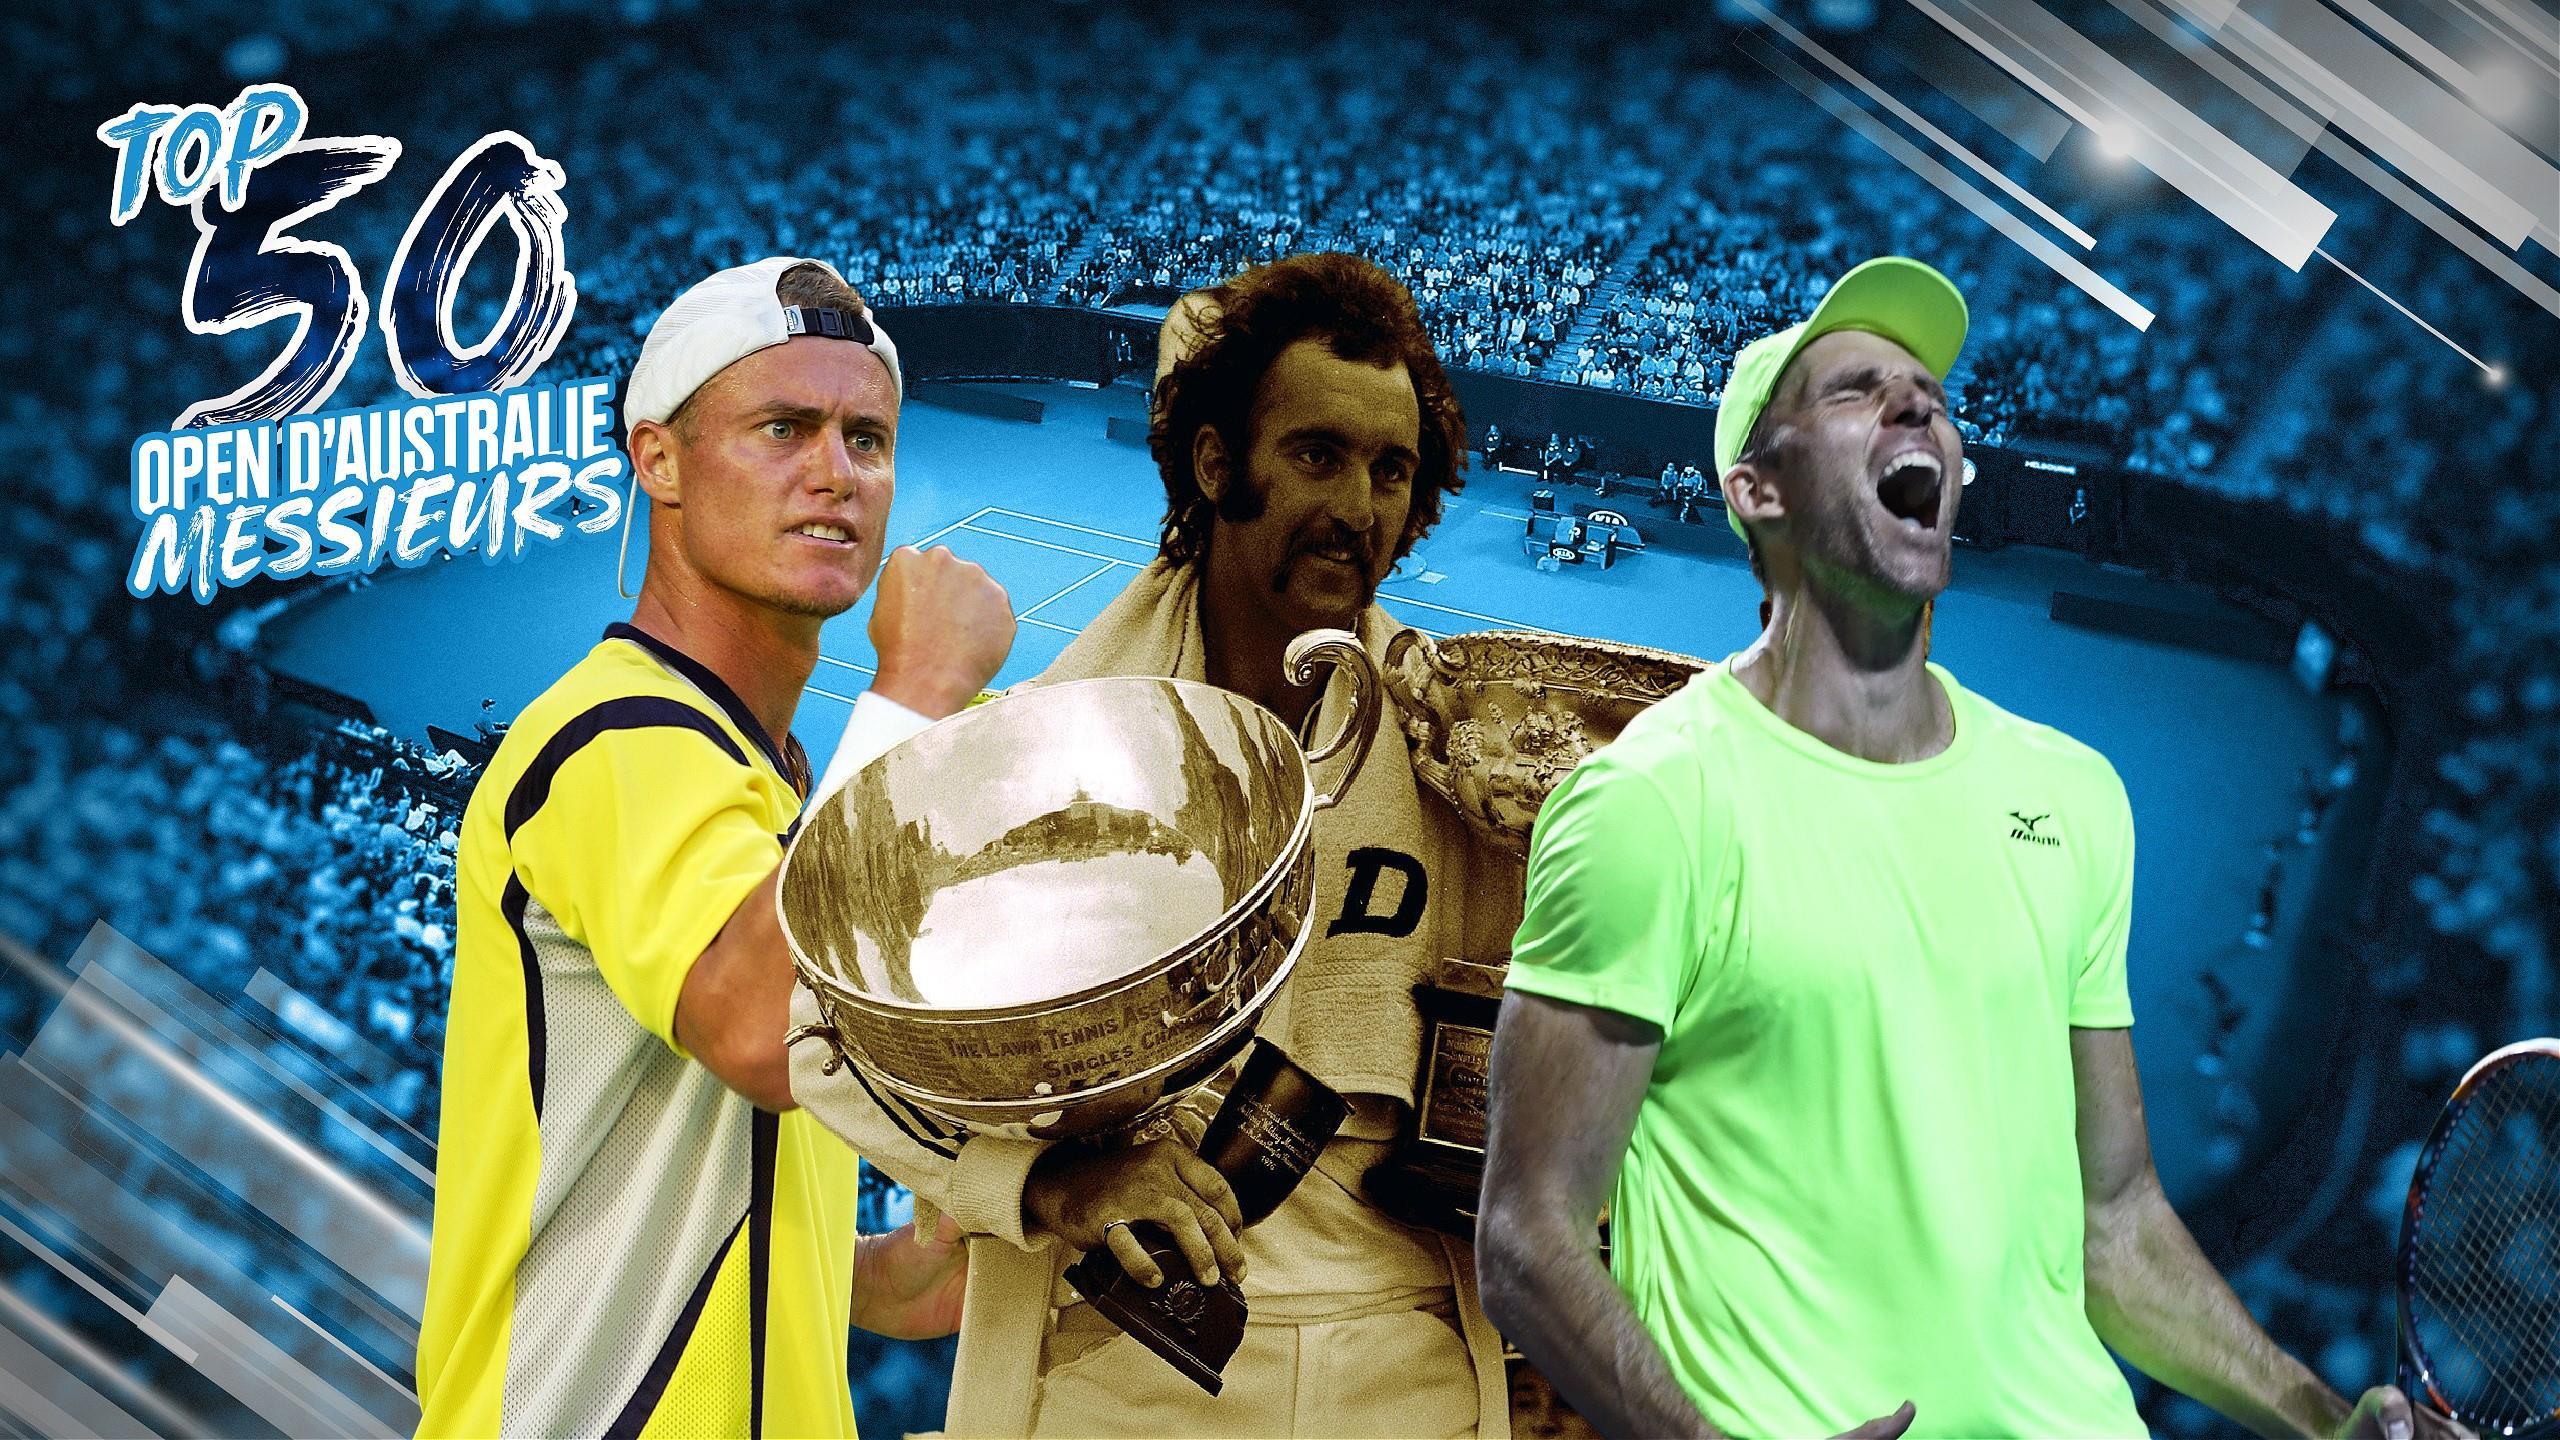 Crachat, guerre des moustaches, 84 jeux : Le Top 50 des matches de l'Open d'Australie (40-31)